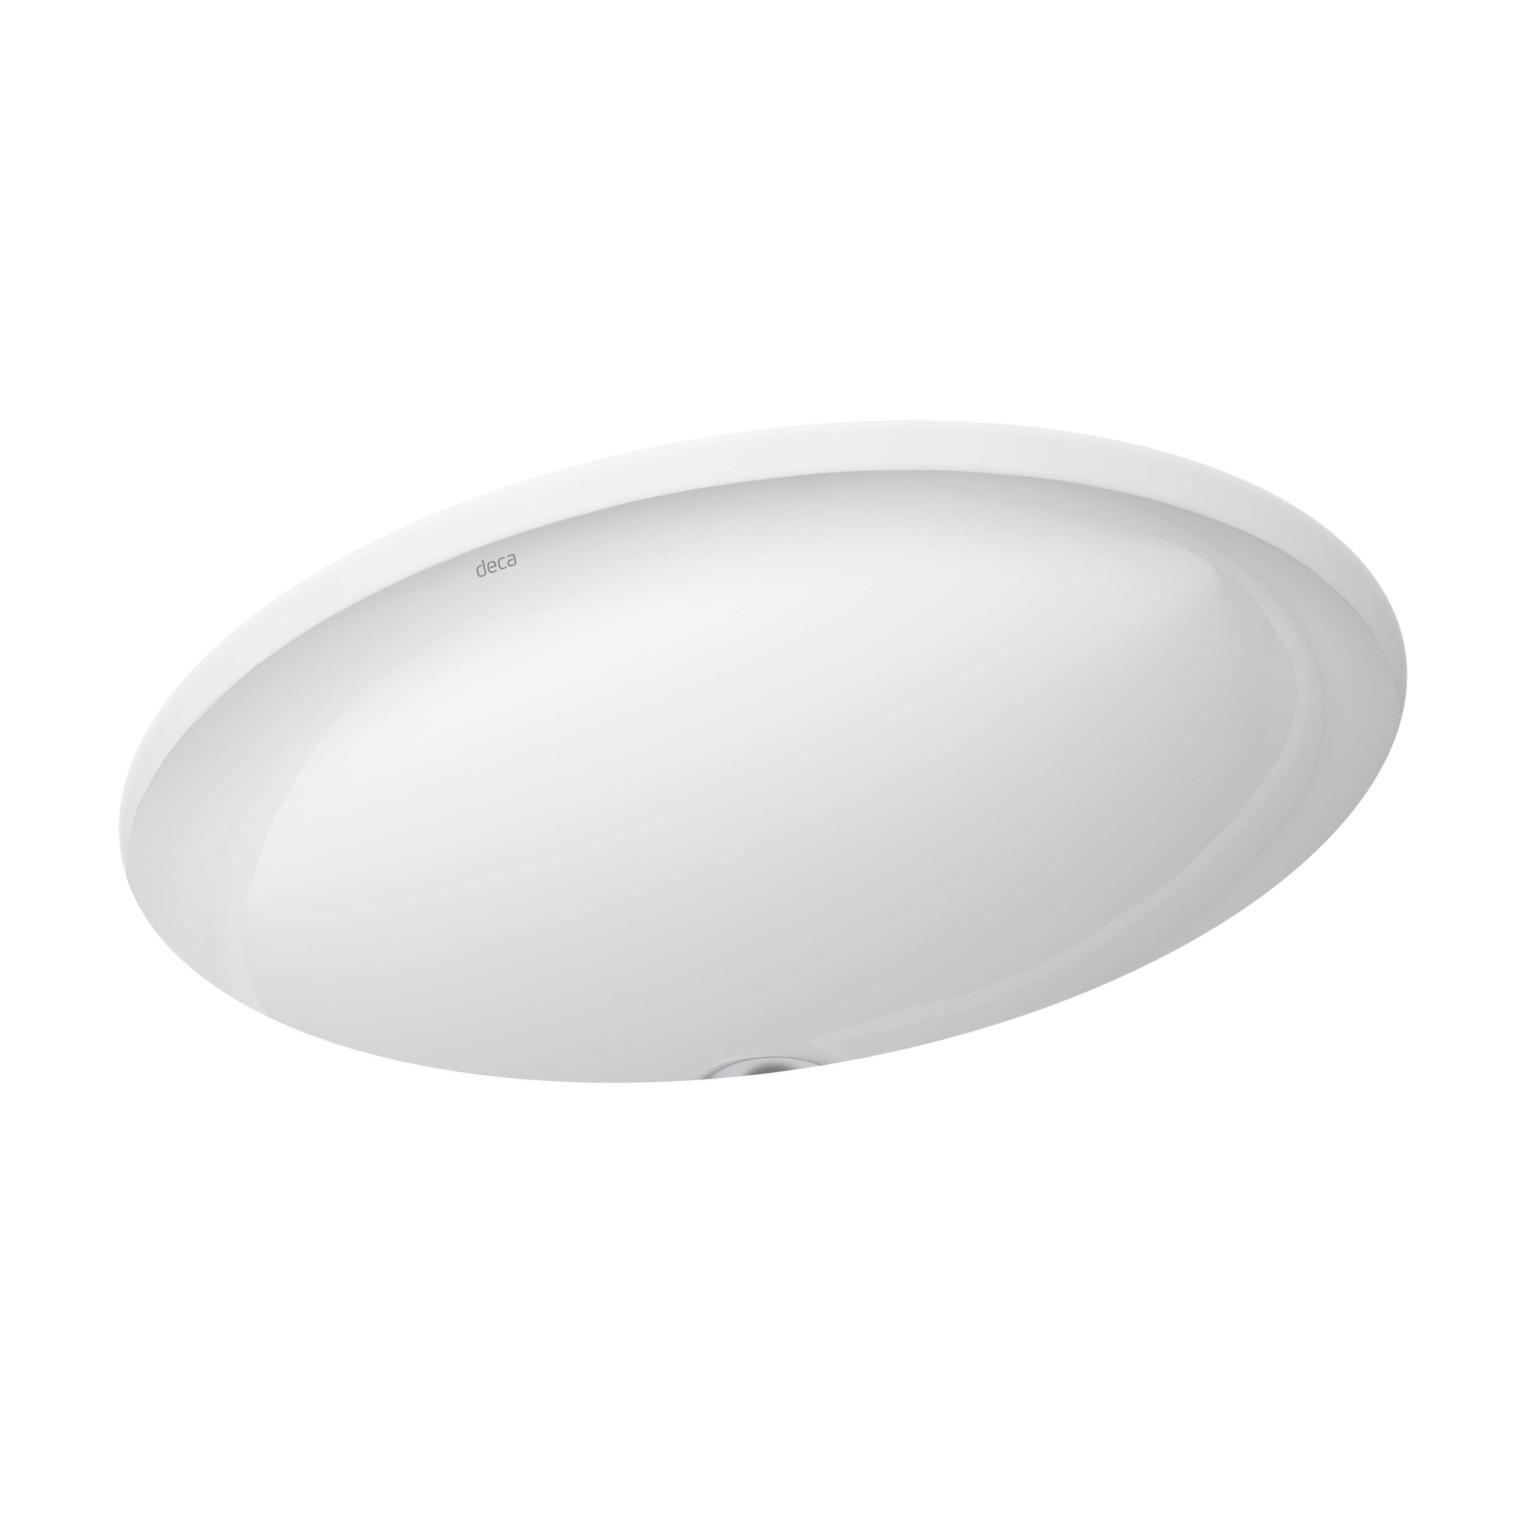 Cuba de Louca de Embutir Oval 48500x37500 cm Branco Gelo L3717 - Deca